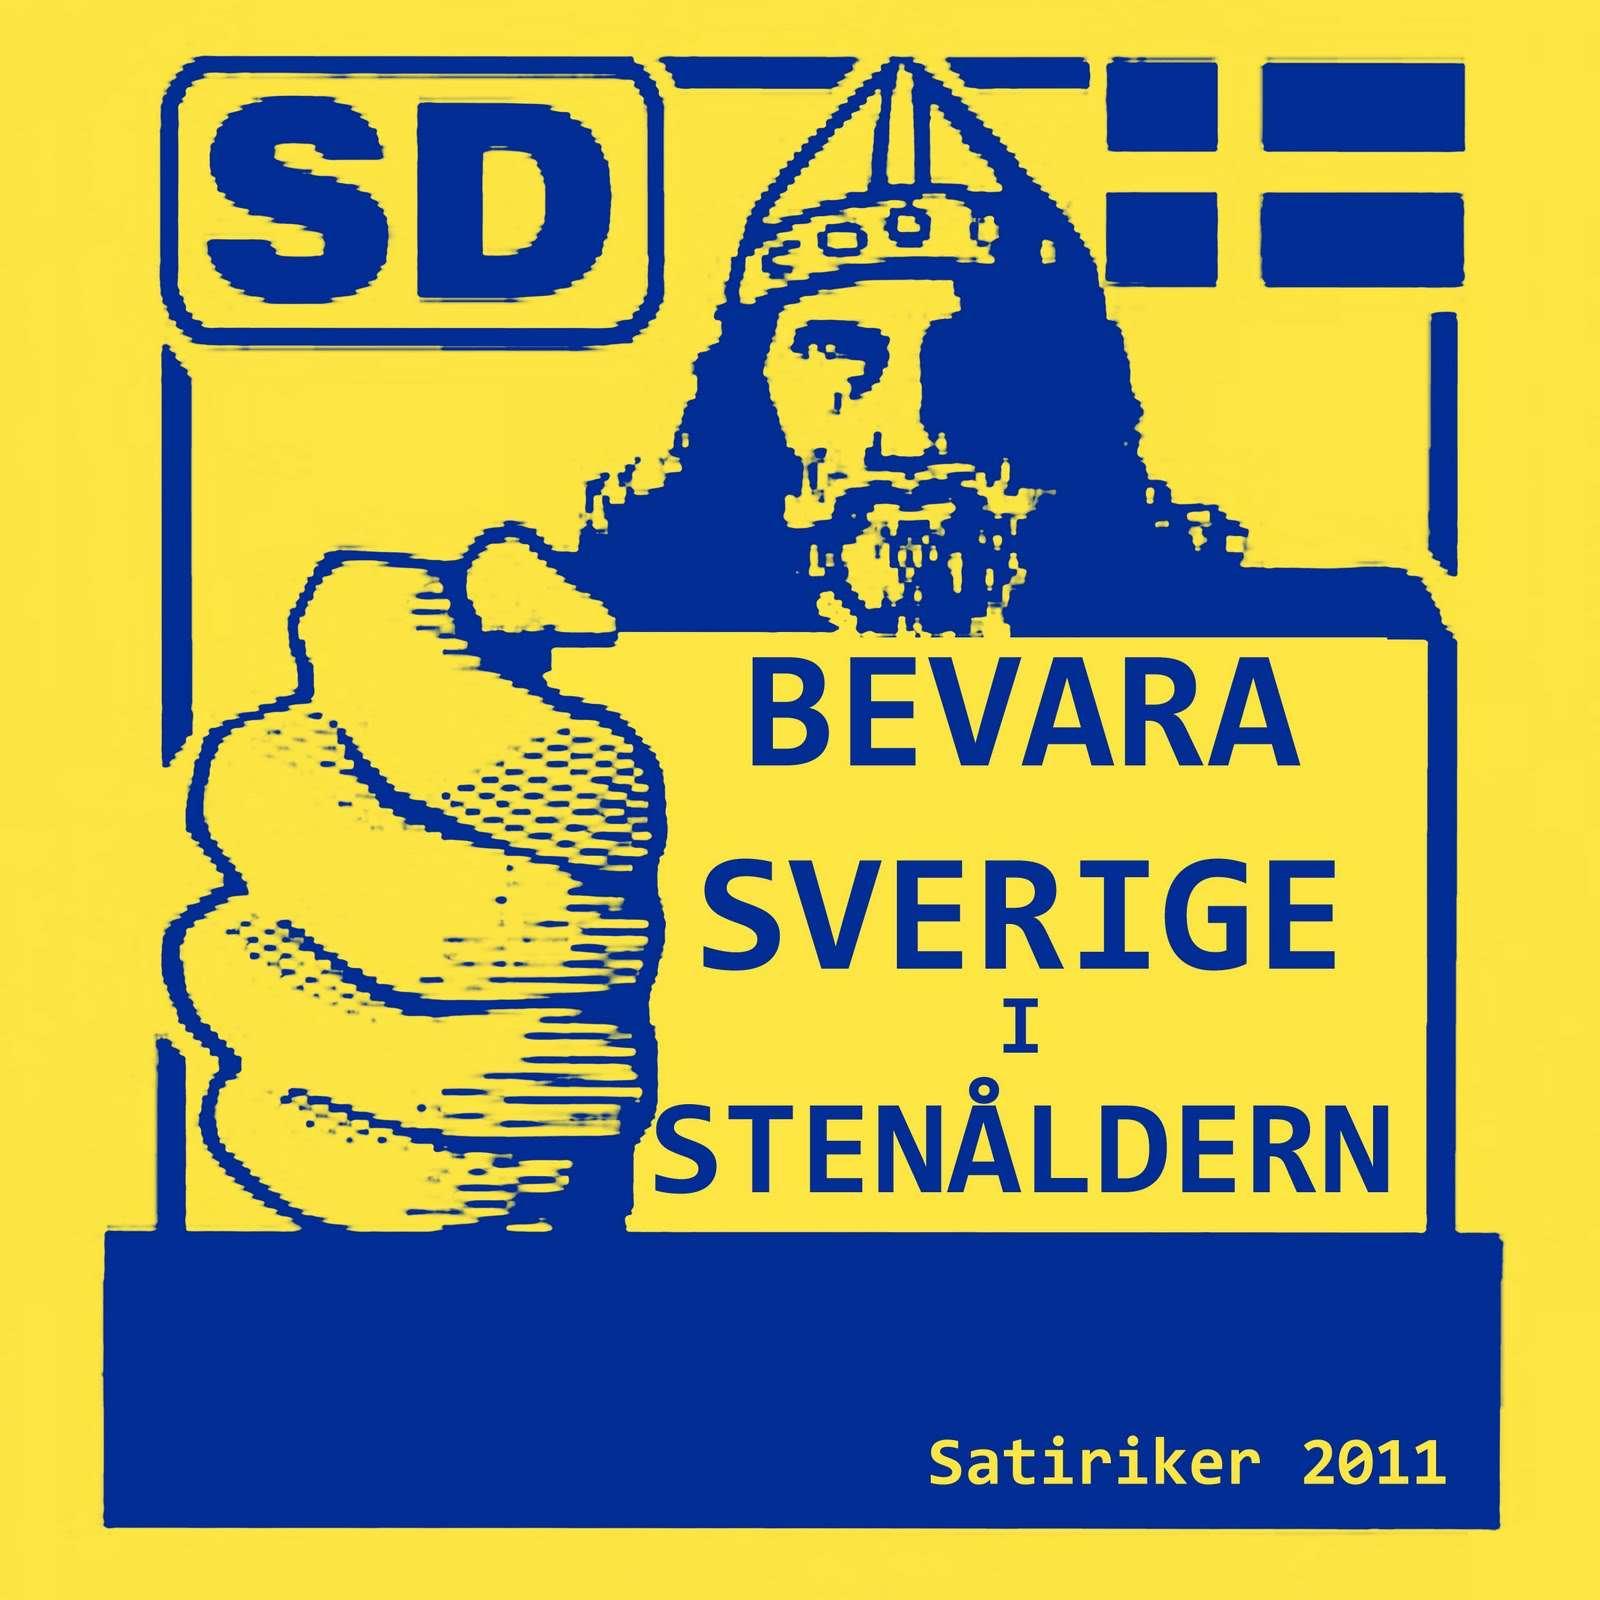 """""""Κρατείστε την Σουηδία στην λίθινη εποχή"""", σατυρίζει η αφίσσα τους Σουηδούς Δημοκράτες."""